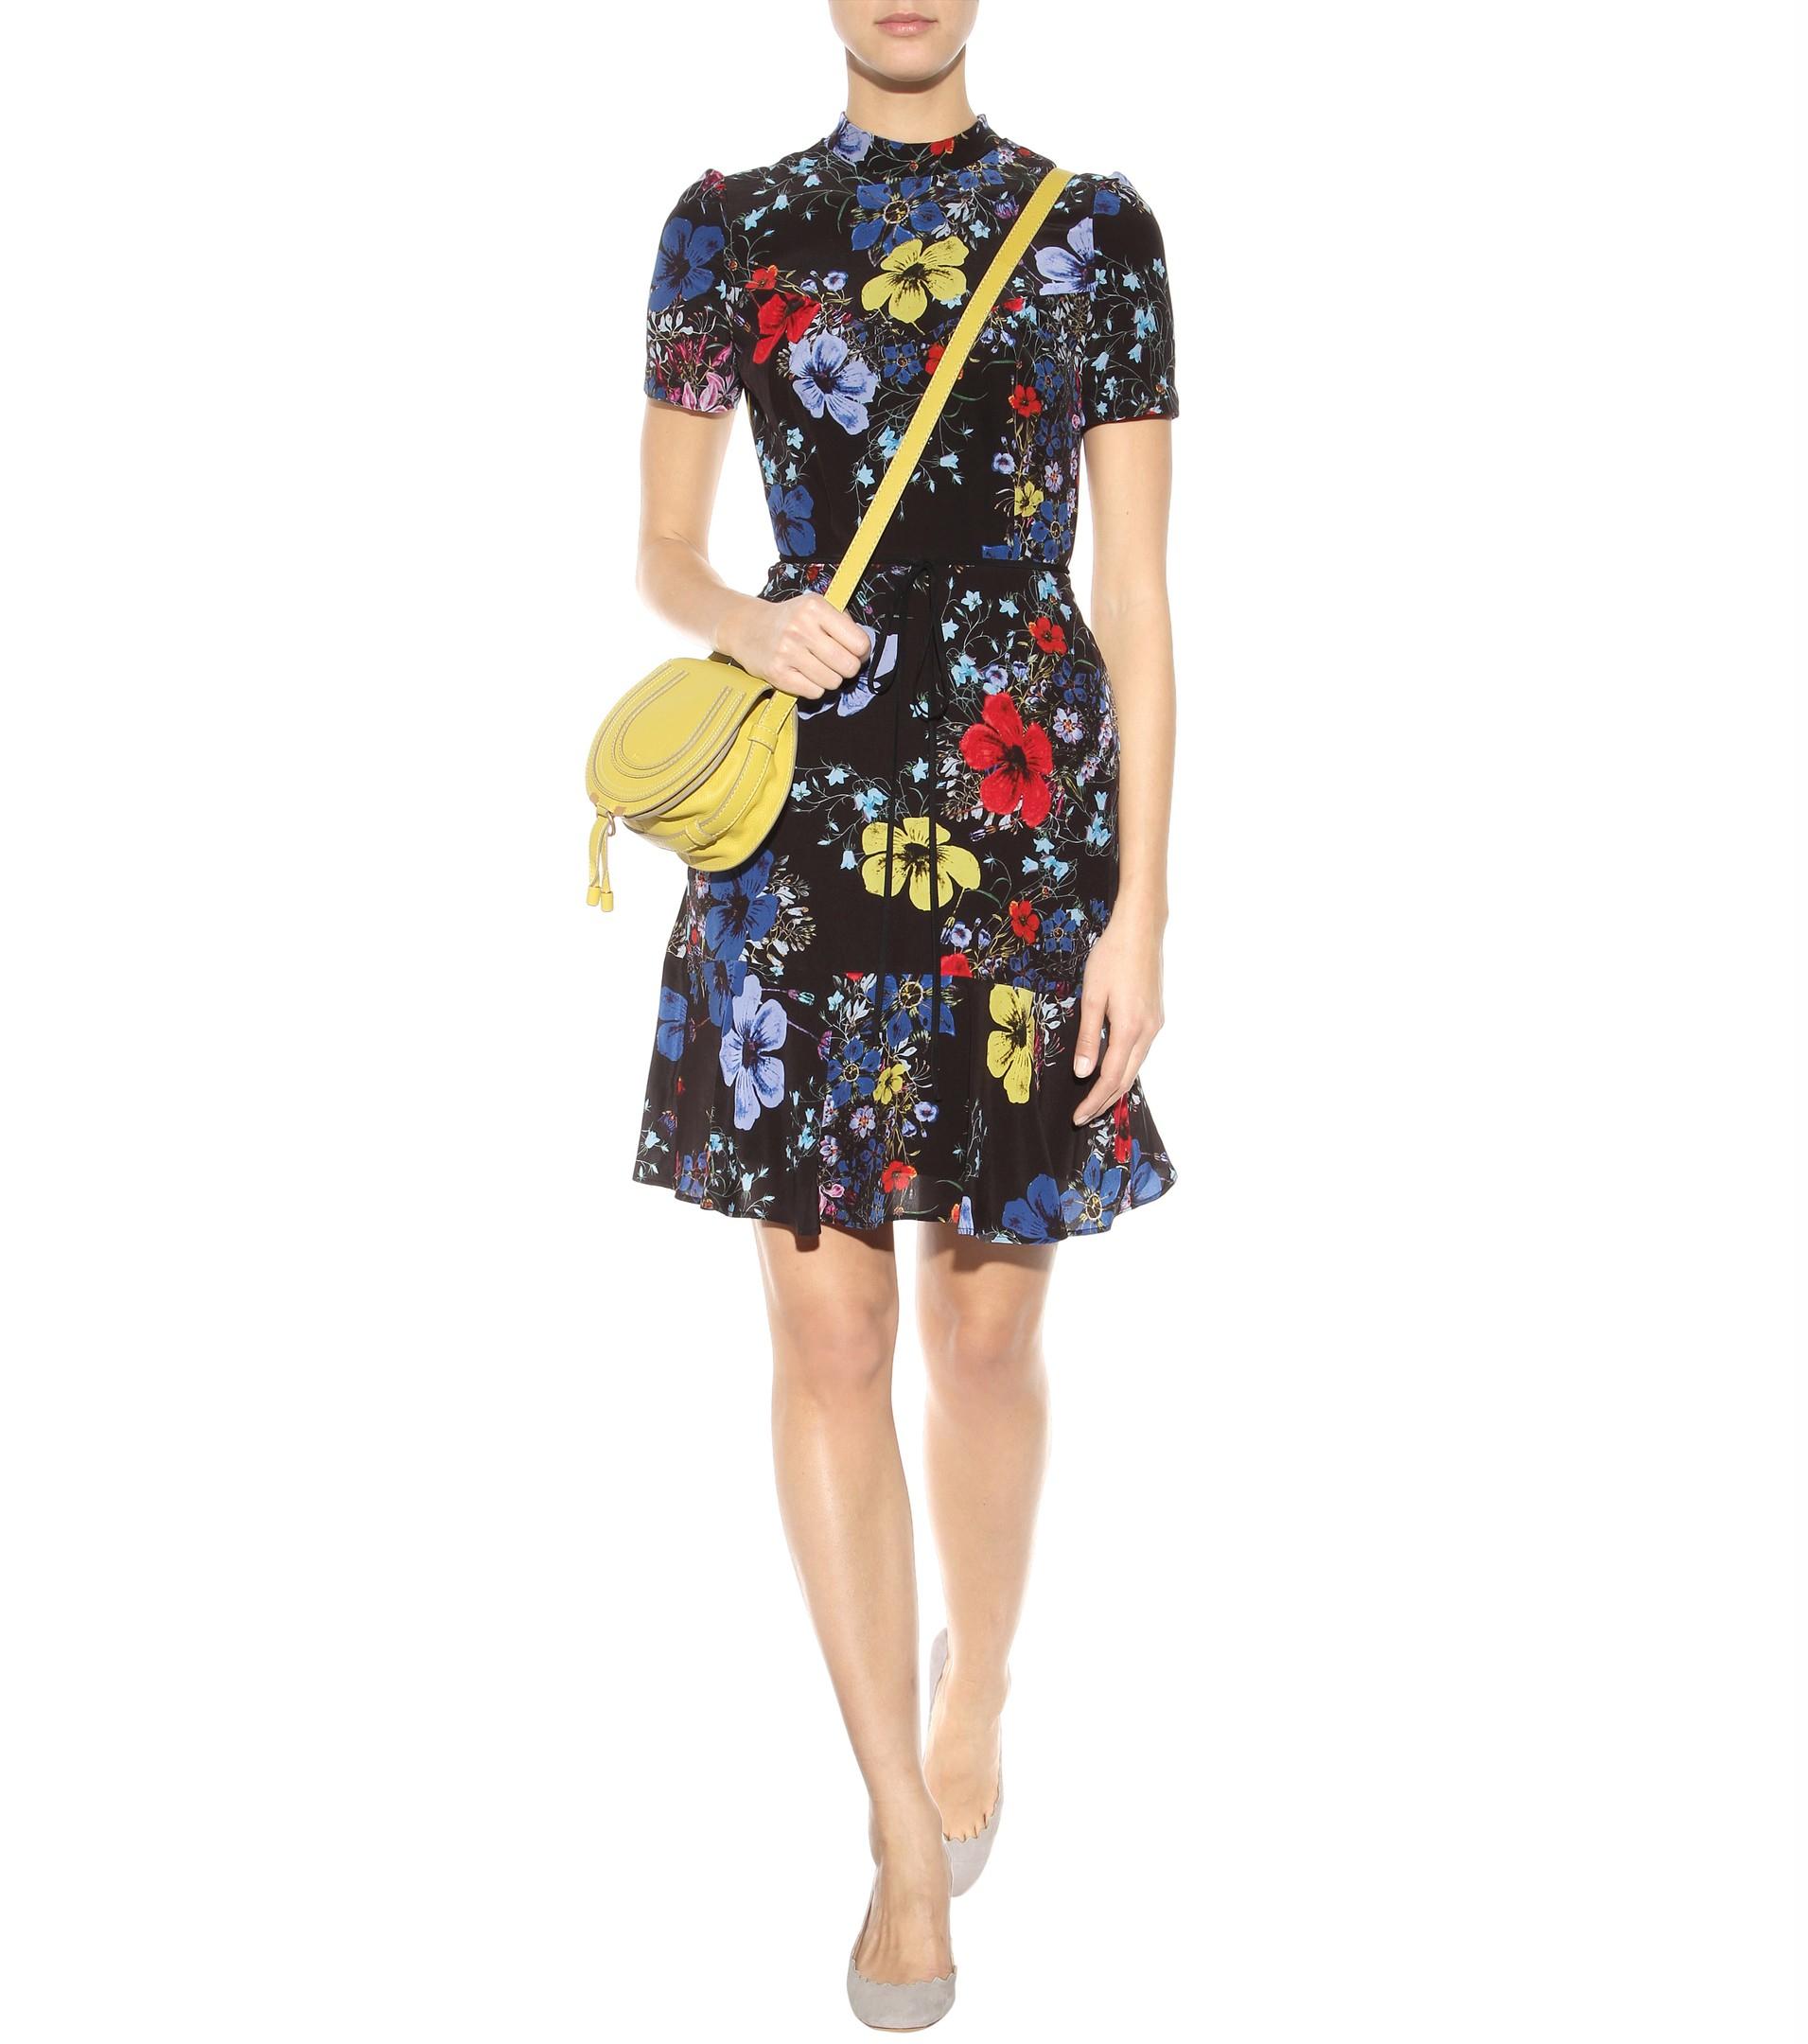 chloe python handbag - Chlo�� Marcie Small Leather Shoulder Bag in Yellow | Lyst